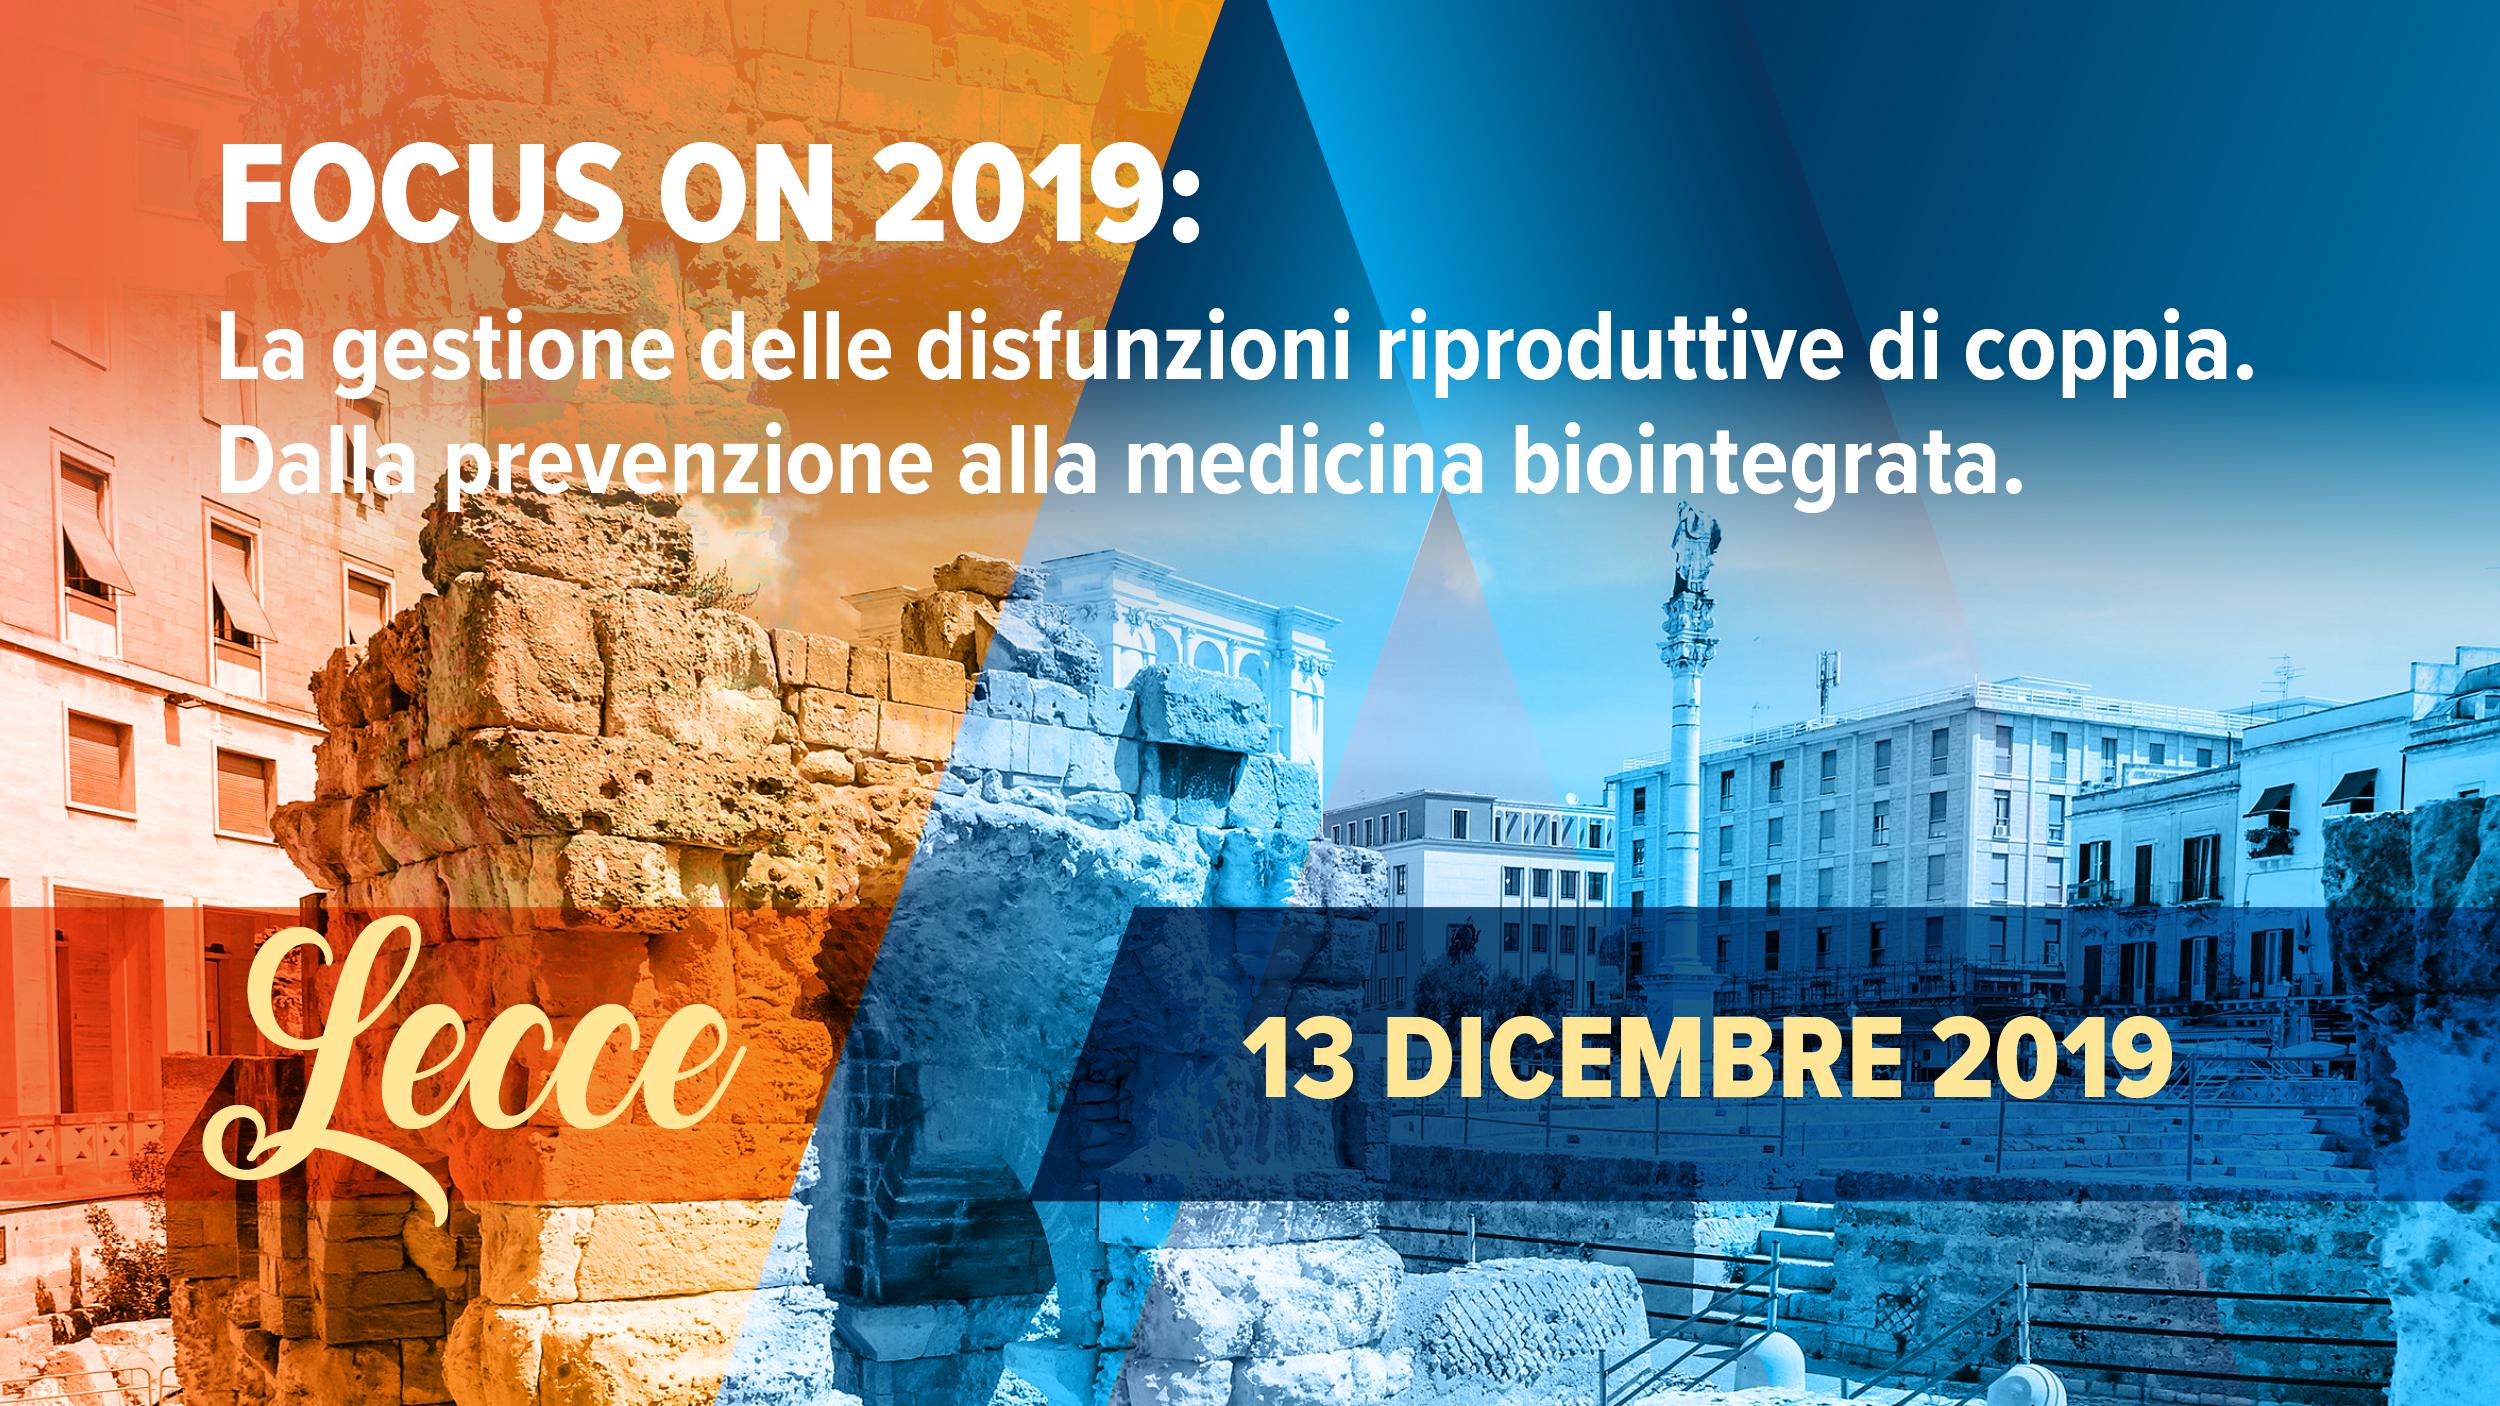 FOCUS ON 2019: Le gestione delle disfunzioni riproduttive di coppia. Dalla prevenzione alla medicina biointegrata.